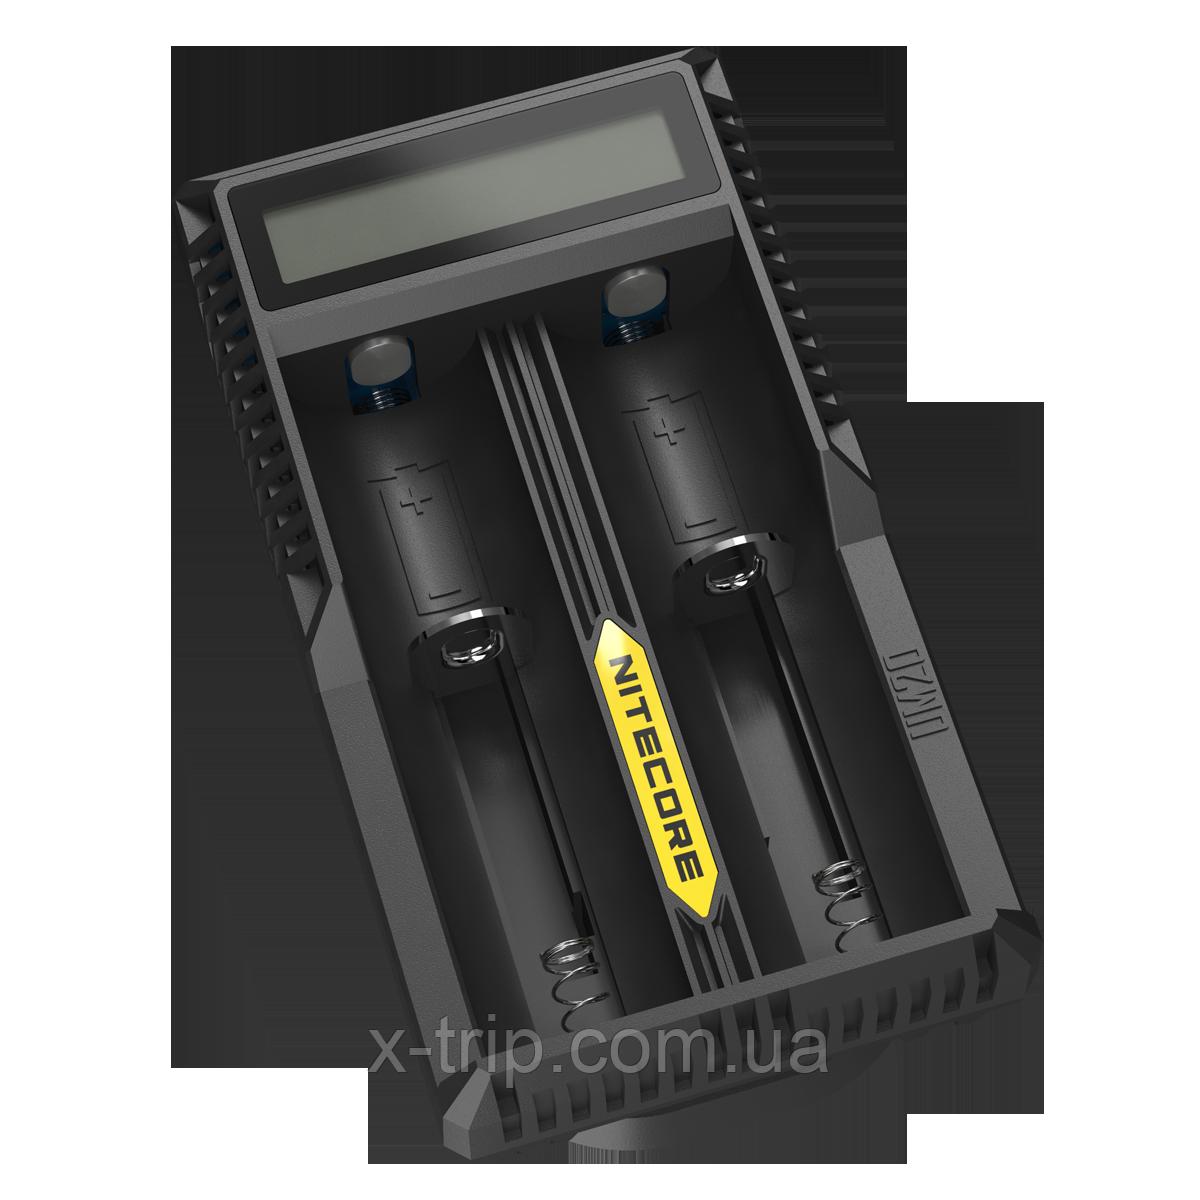 5235df6fd0bd Зарядное устройство Nitecore UM20 (2 канала) купить в ...